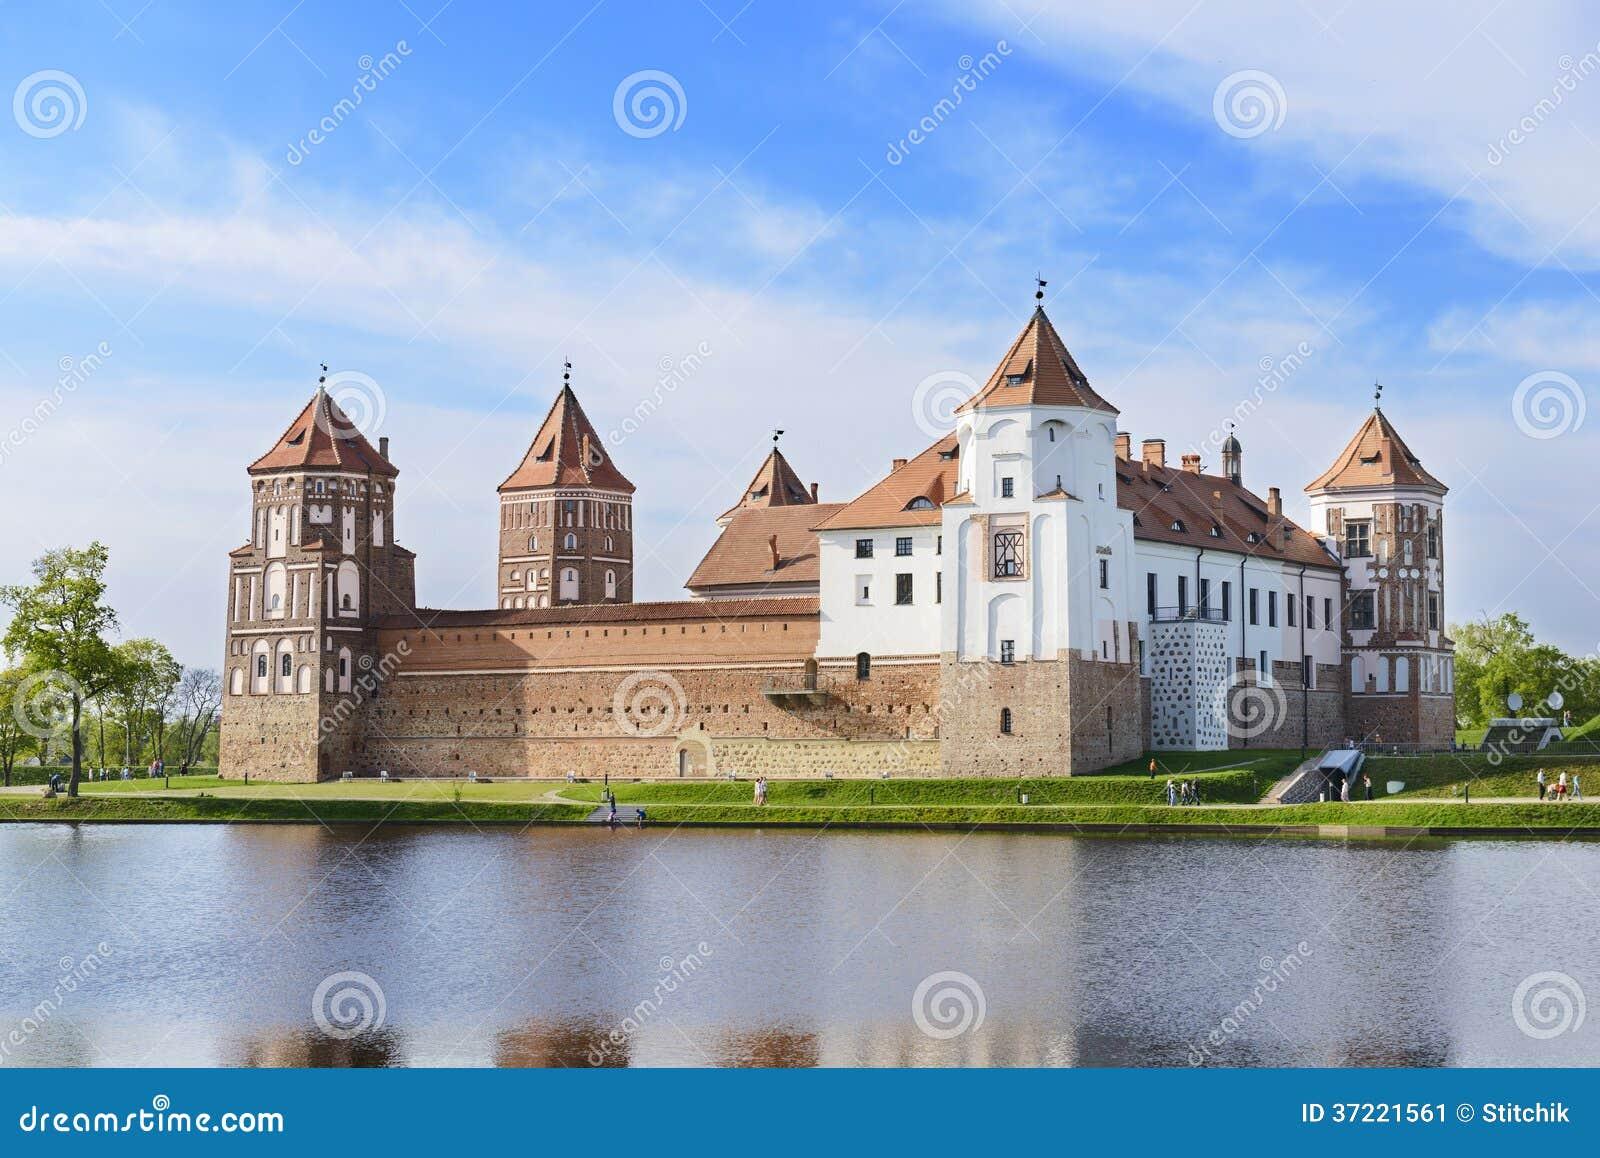 Medieval castle Mir. Grodno region. Belarus